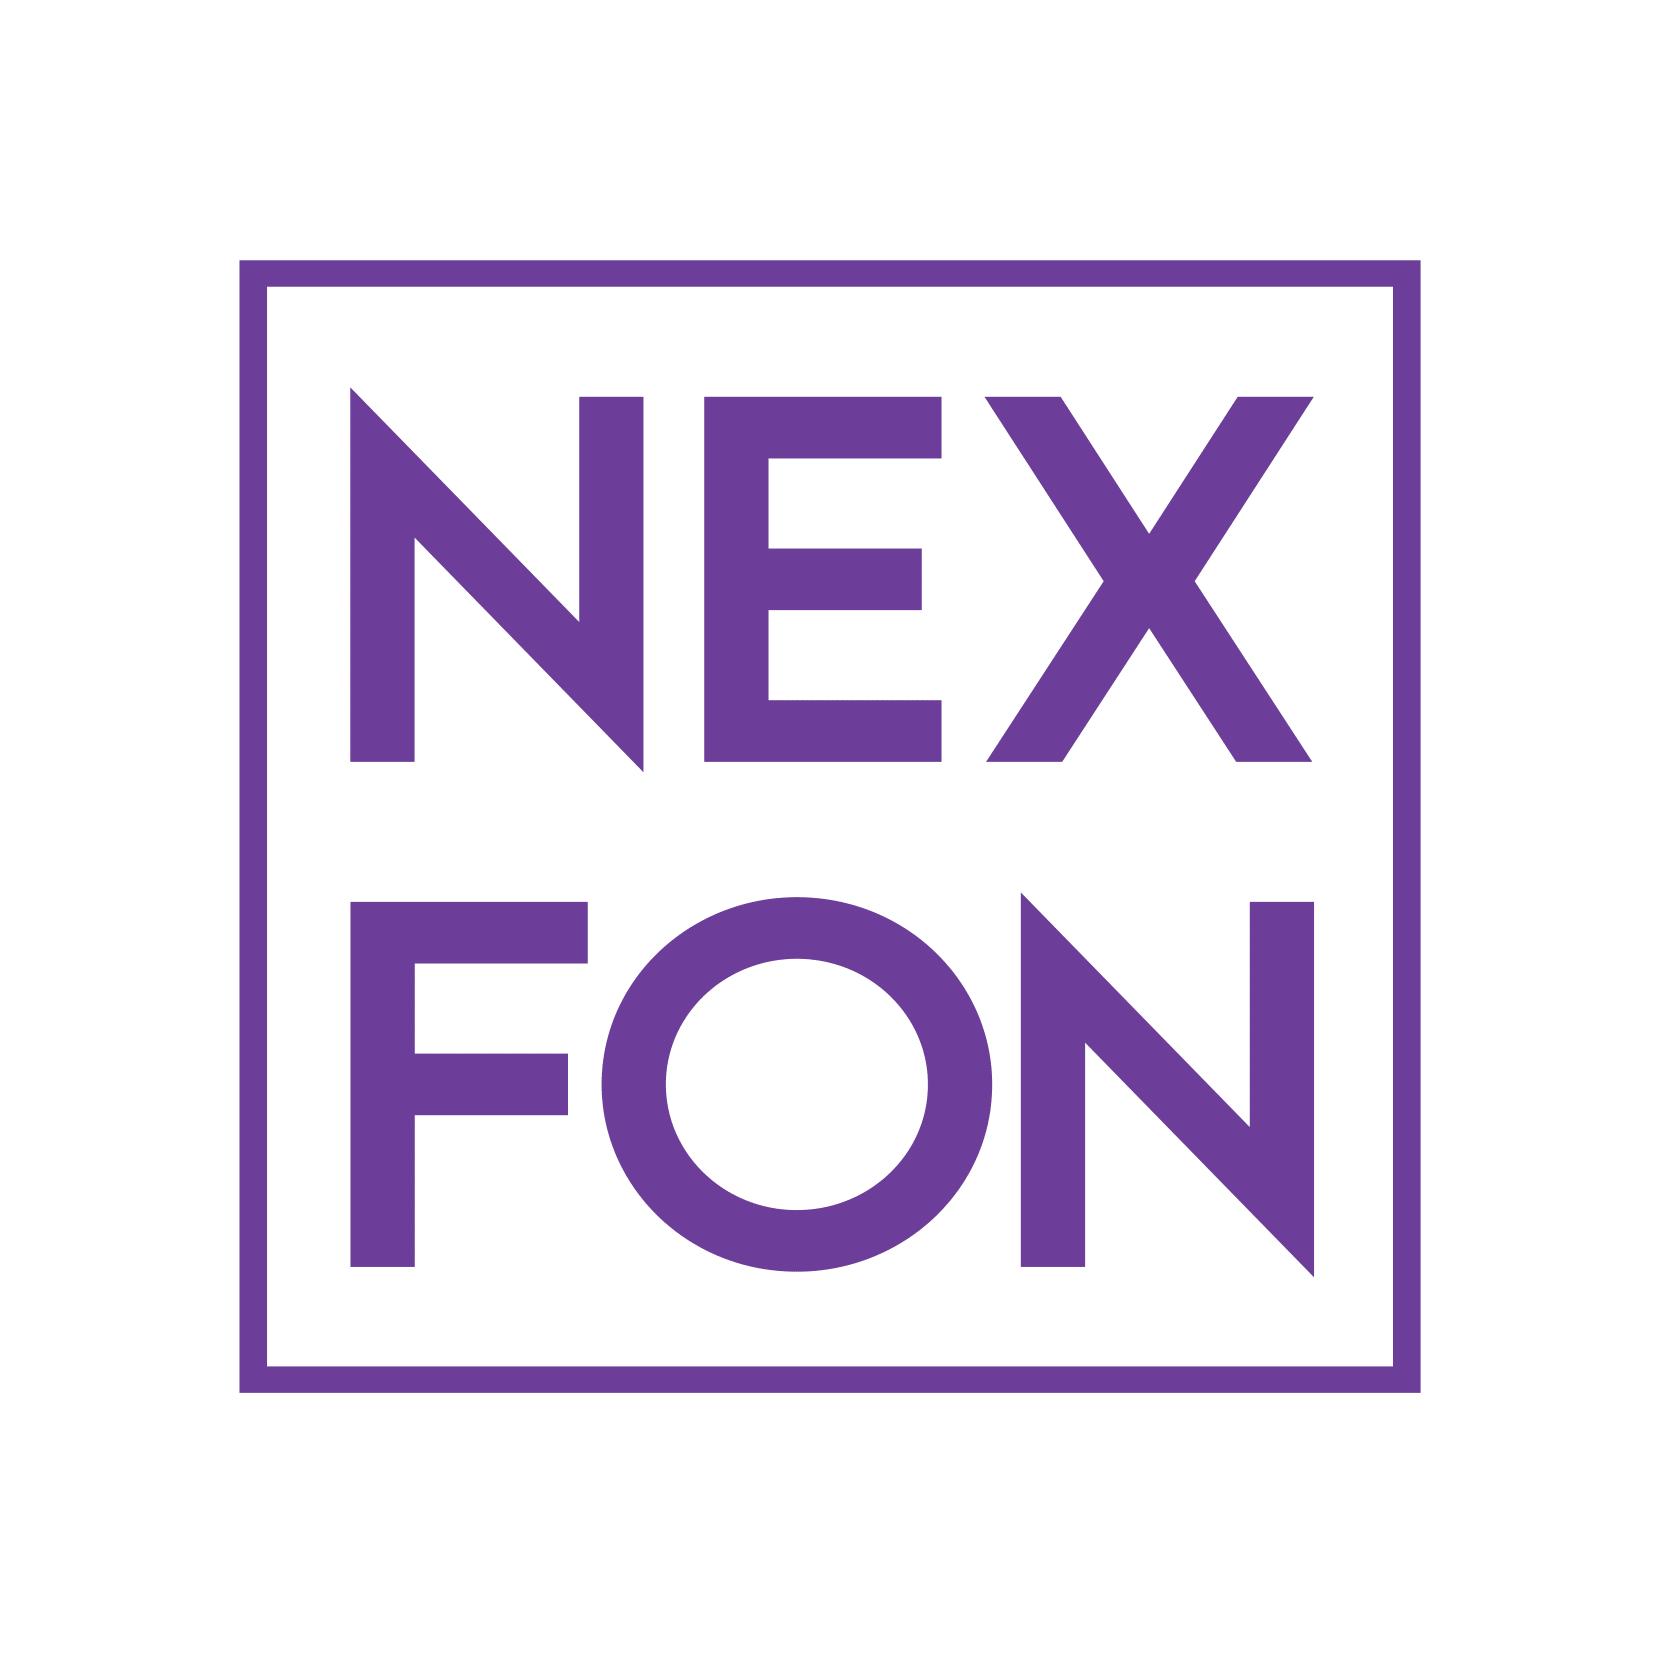 نکسفون